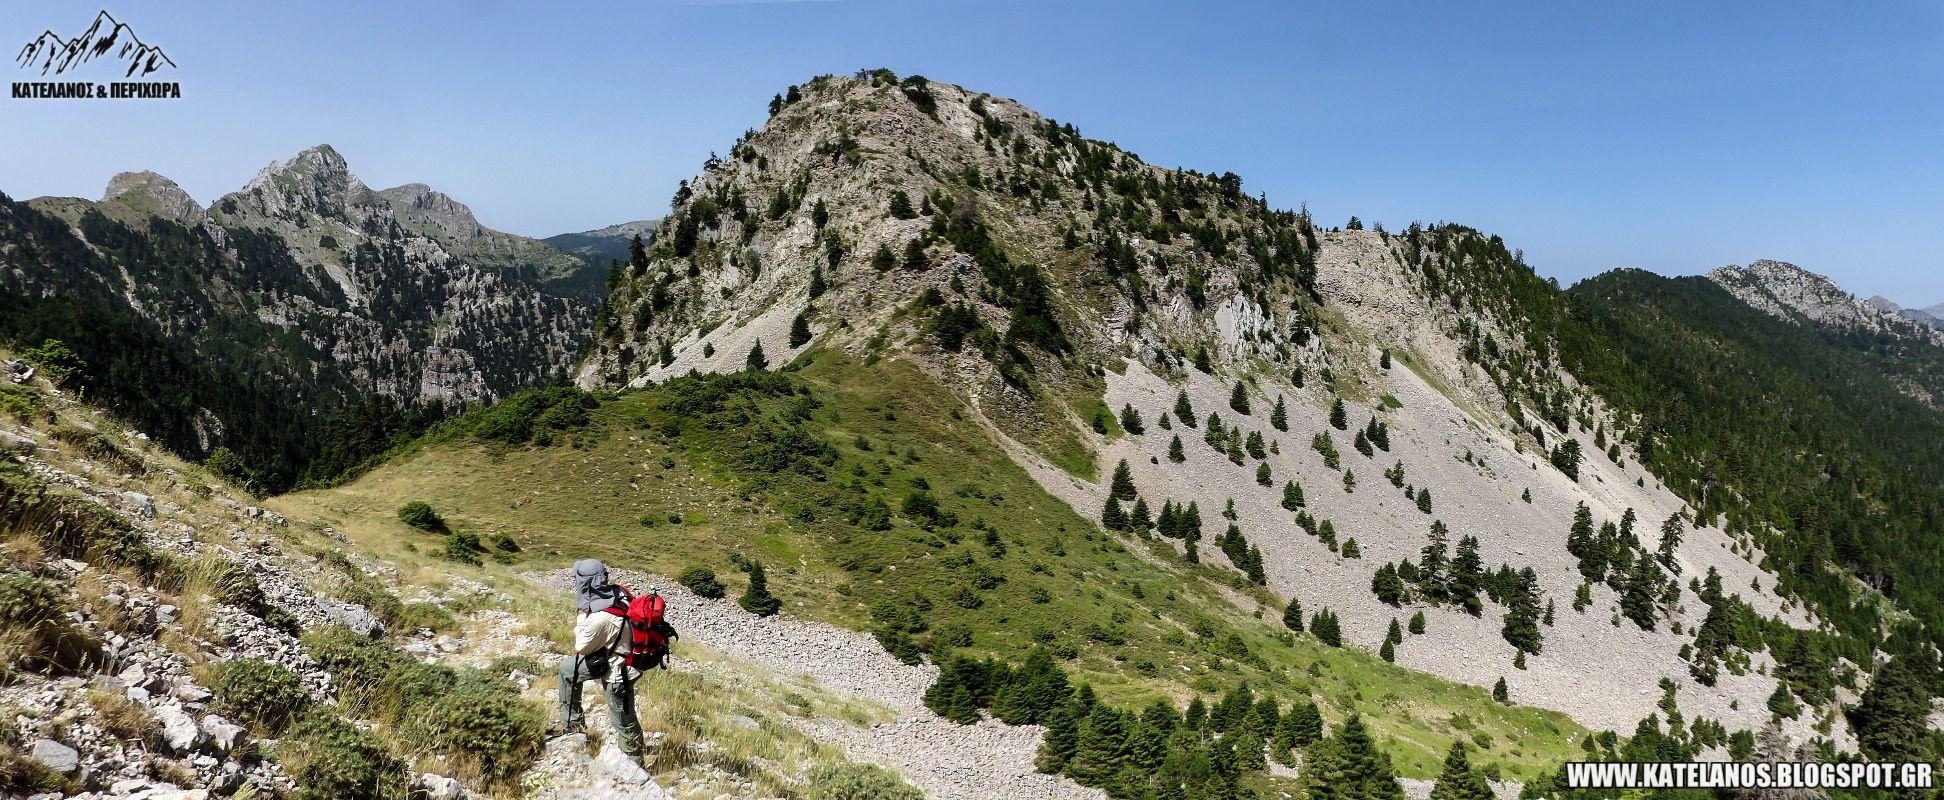 αρκουδοτρυπα διασελο πλατανακι βουνο